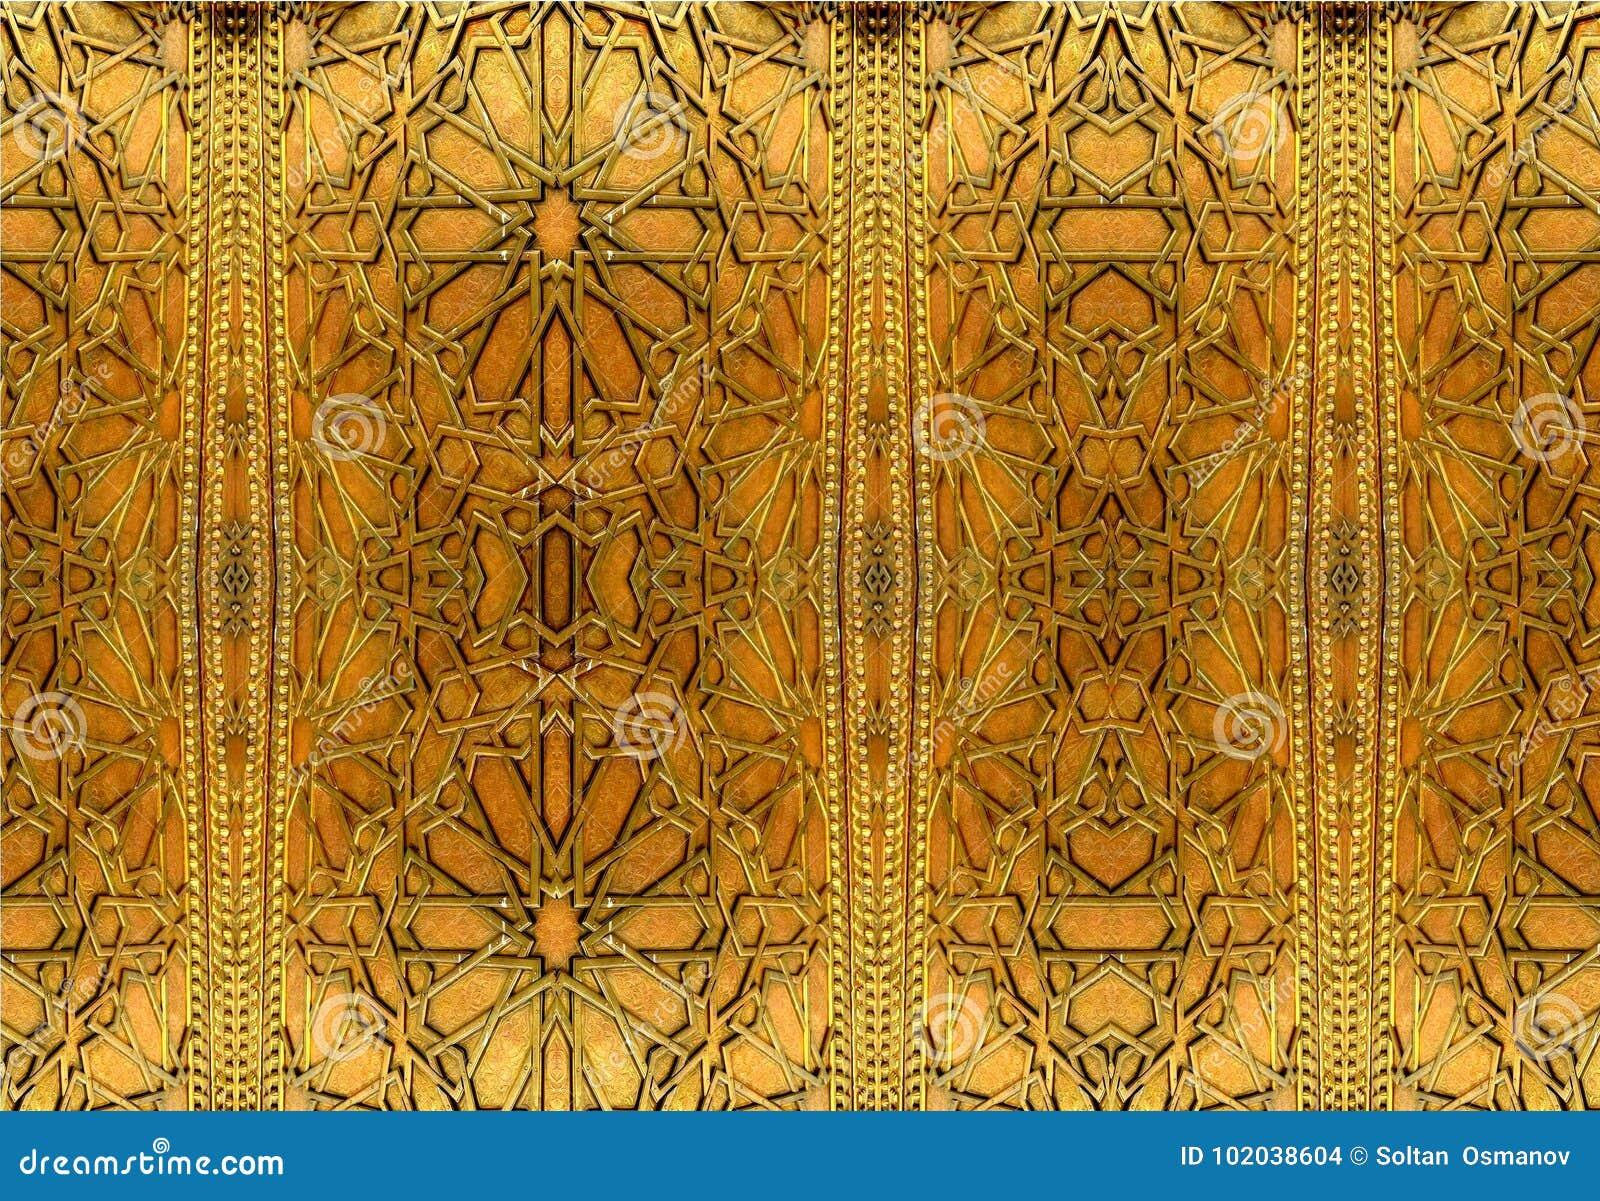 Ασιατικά σχέδια και διακοσμήσεις σιδήρου Η ζωγραφική απεικονίζει τα ασιατικά σχέδια στην πόρτα σιδήρου